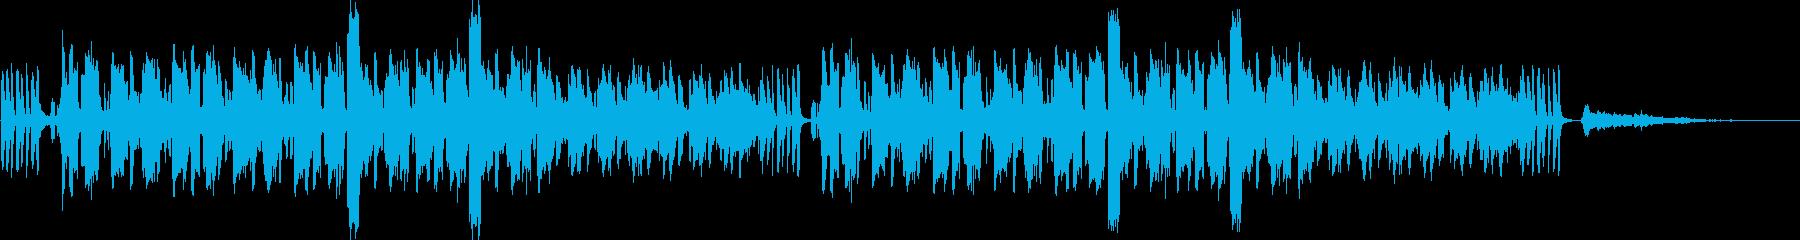 雨とピアノ。ニュース速報とオーケストラ。の再生済みの波形